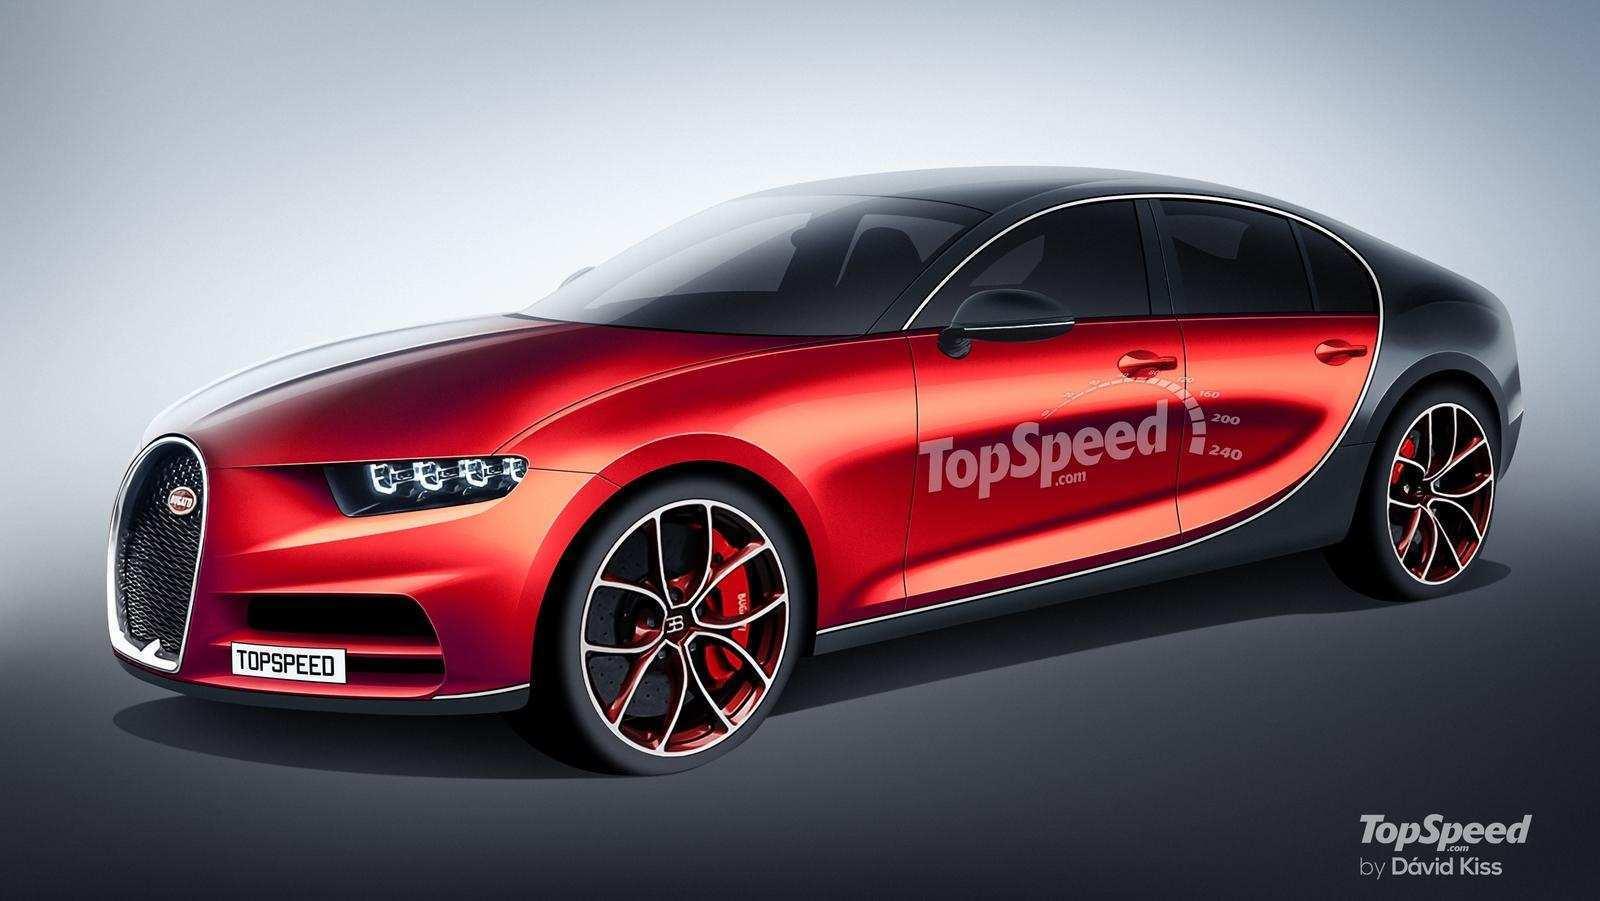 88 Great Bugatti 2020 Model Research New for Bugatti 2020 Model